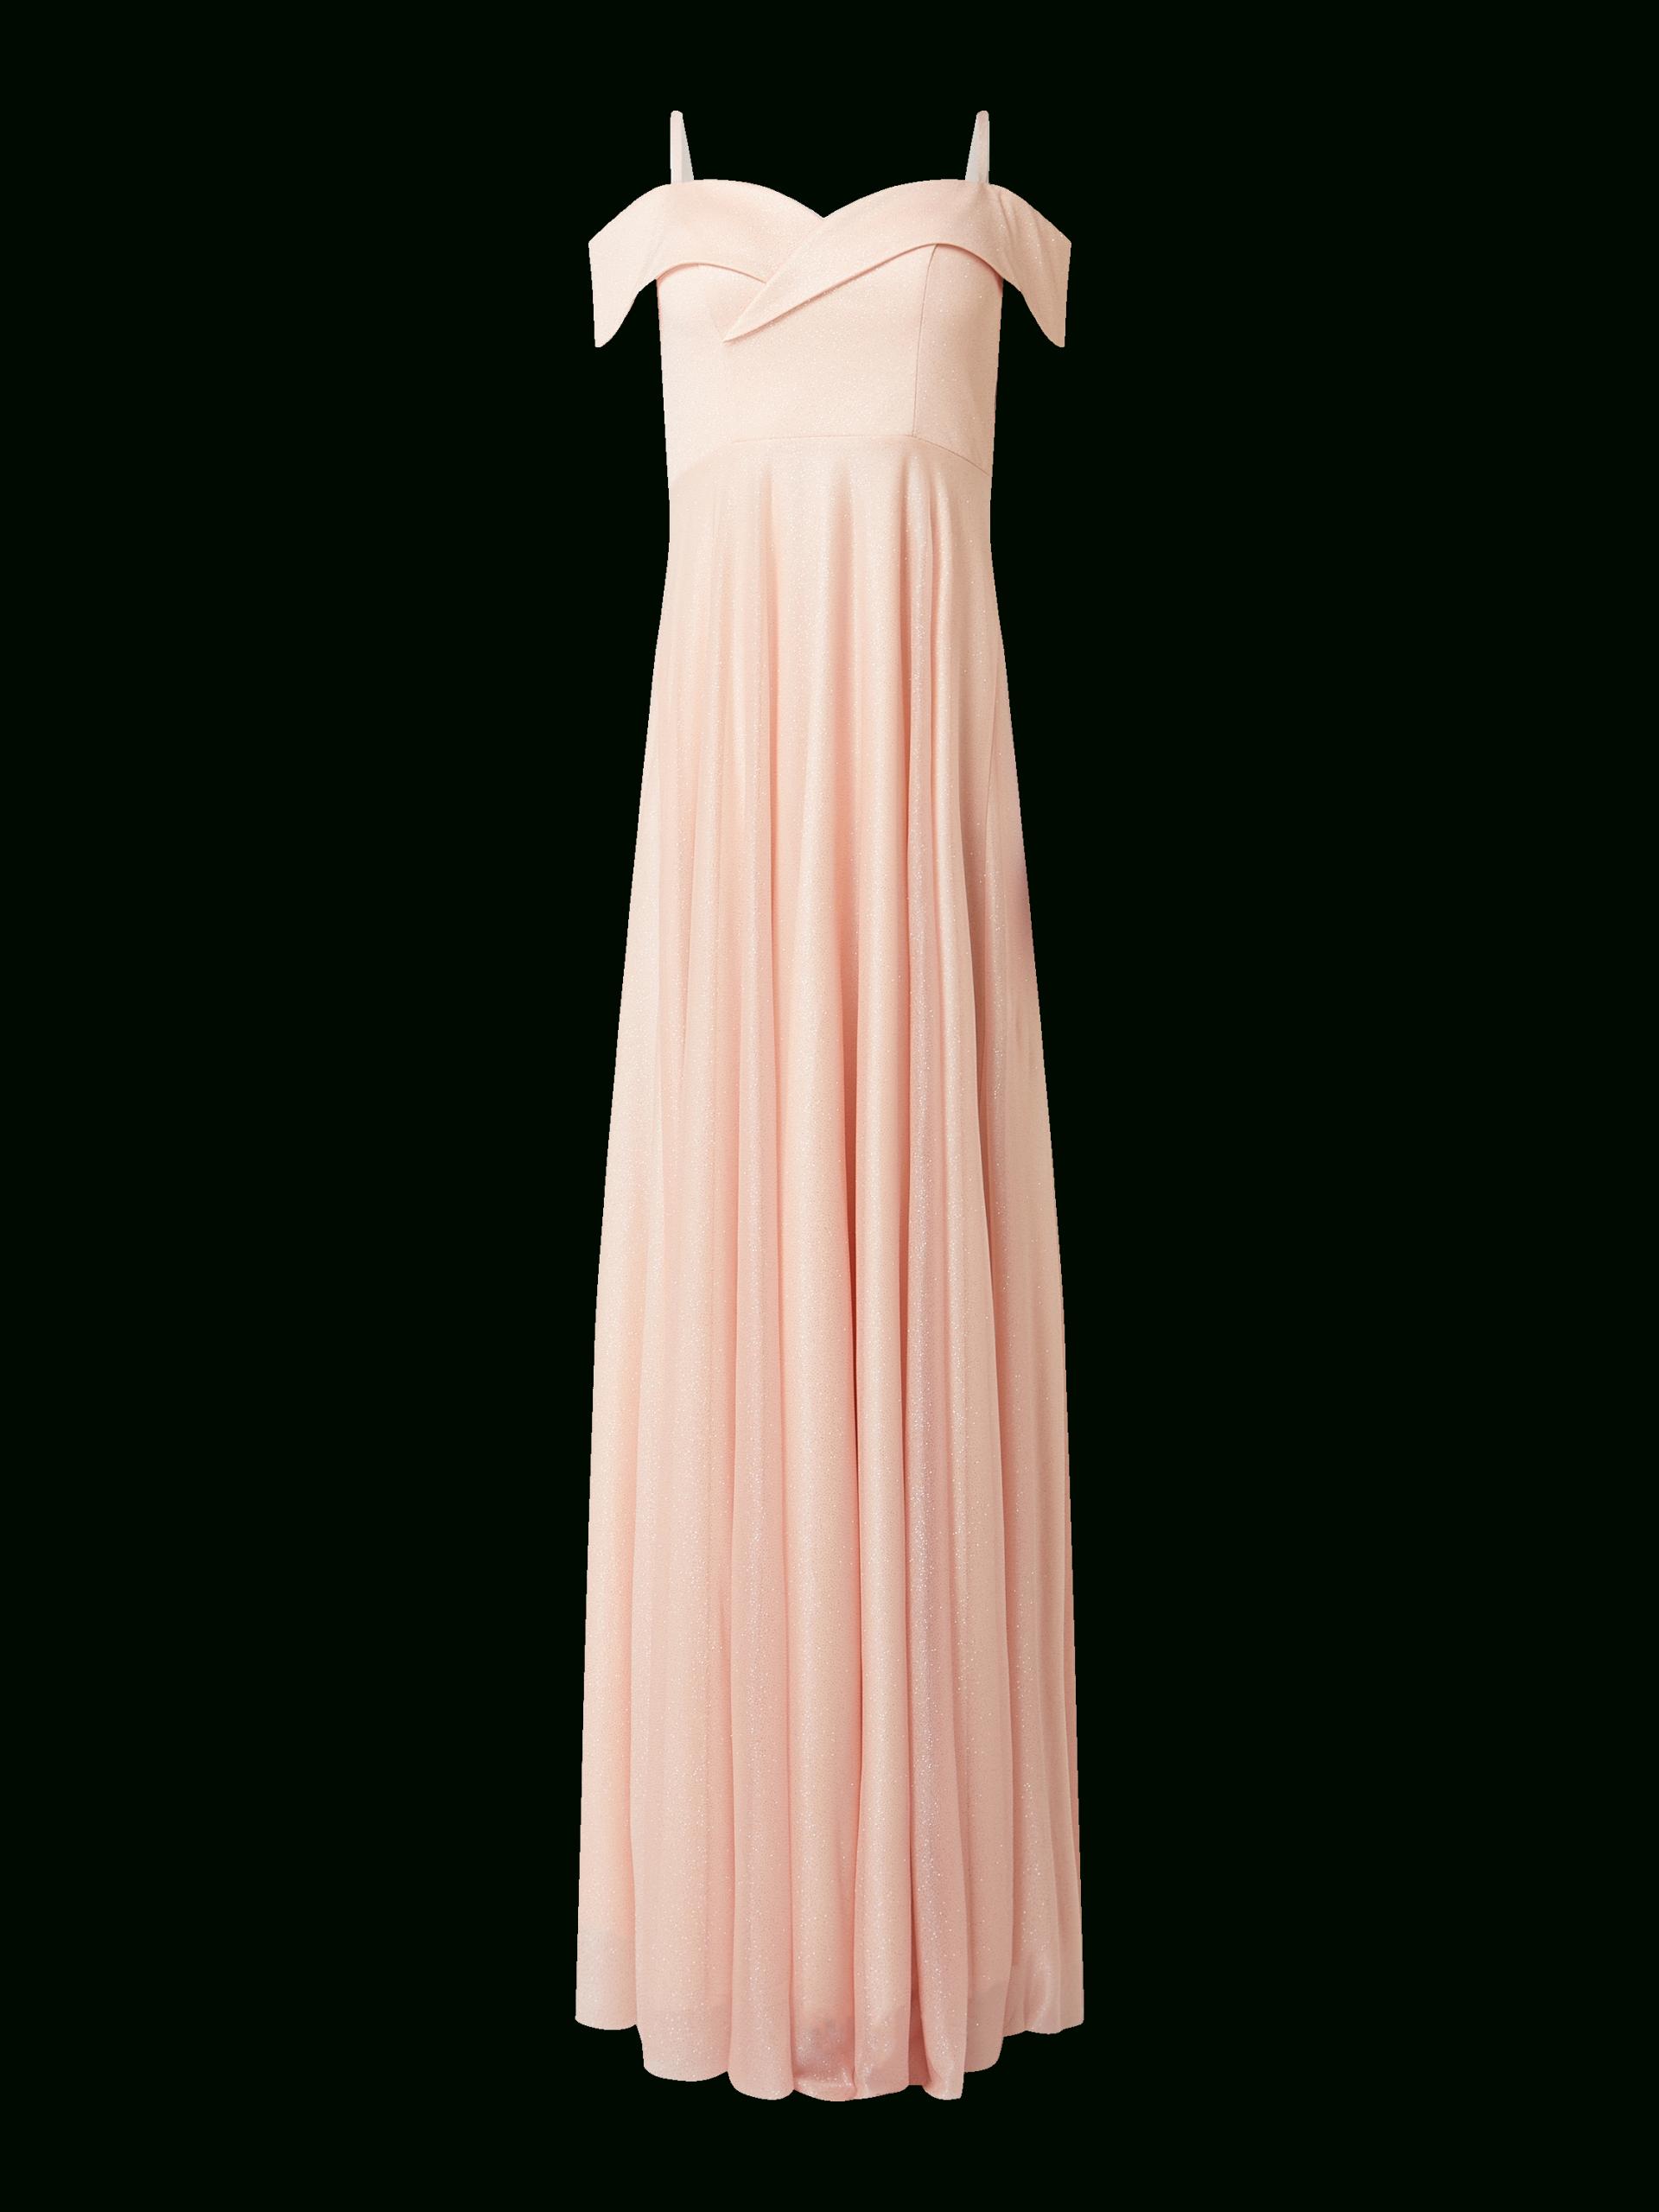 Formal Leicht Troyden Abendkleid für 201915 Wunderbar Troyden Abendkleid Stylish